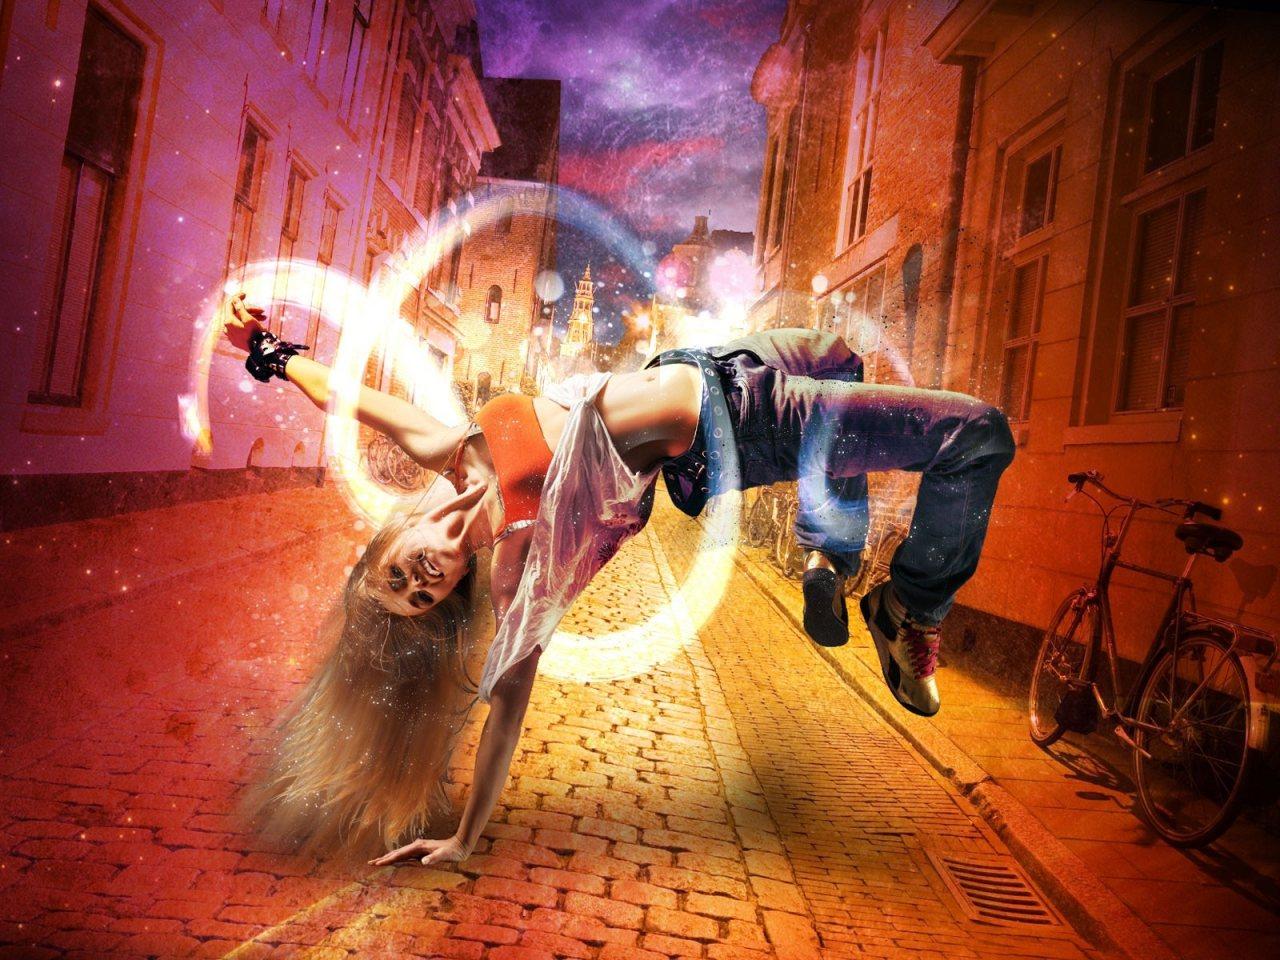 http://4.bp.blogspot.com/-7RX7OA0CQkU/T5fRFlMIOjI/AAAAAAAAEfU/FhkZbk5gJB8/s1600/hip_hop_dancer.jpg